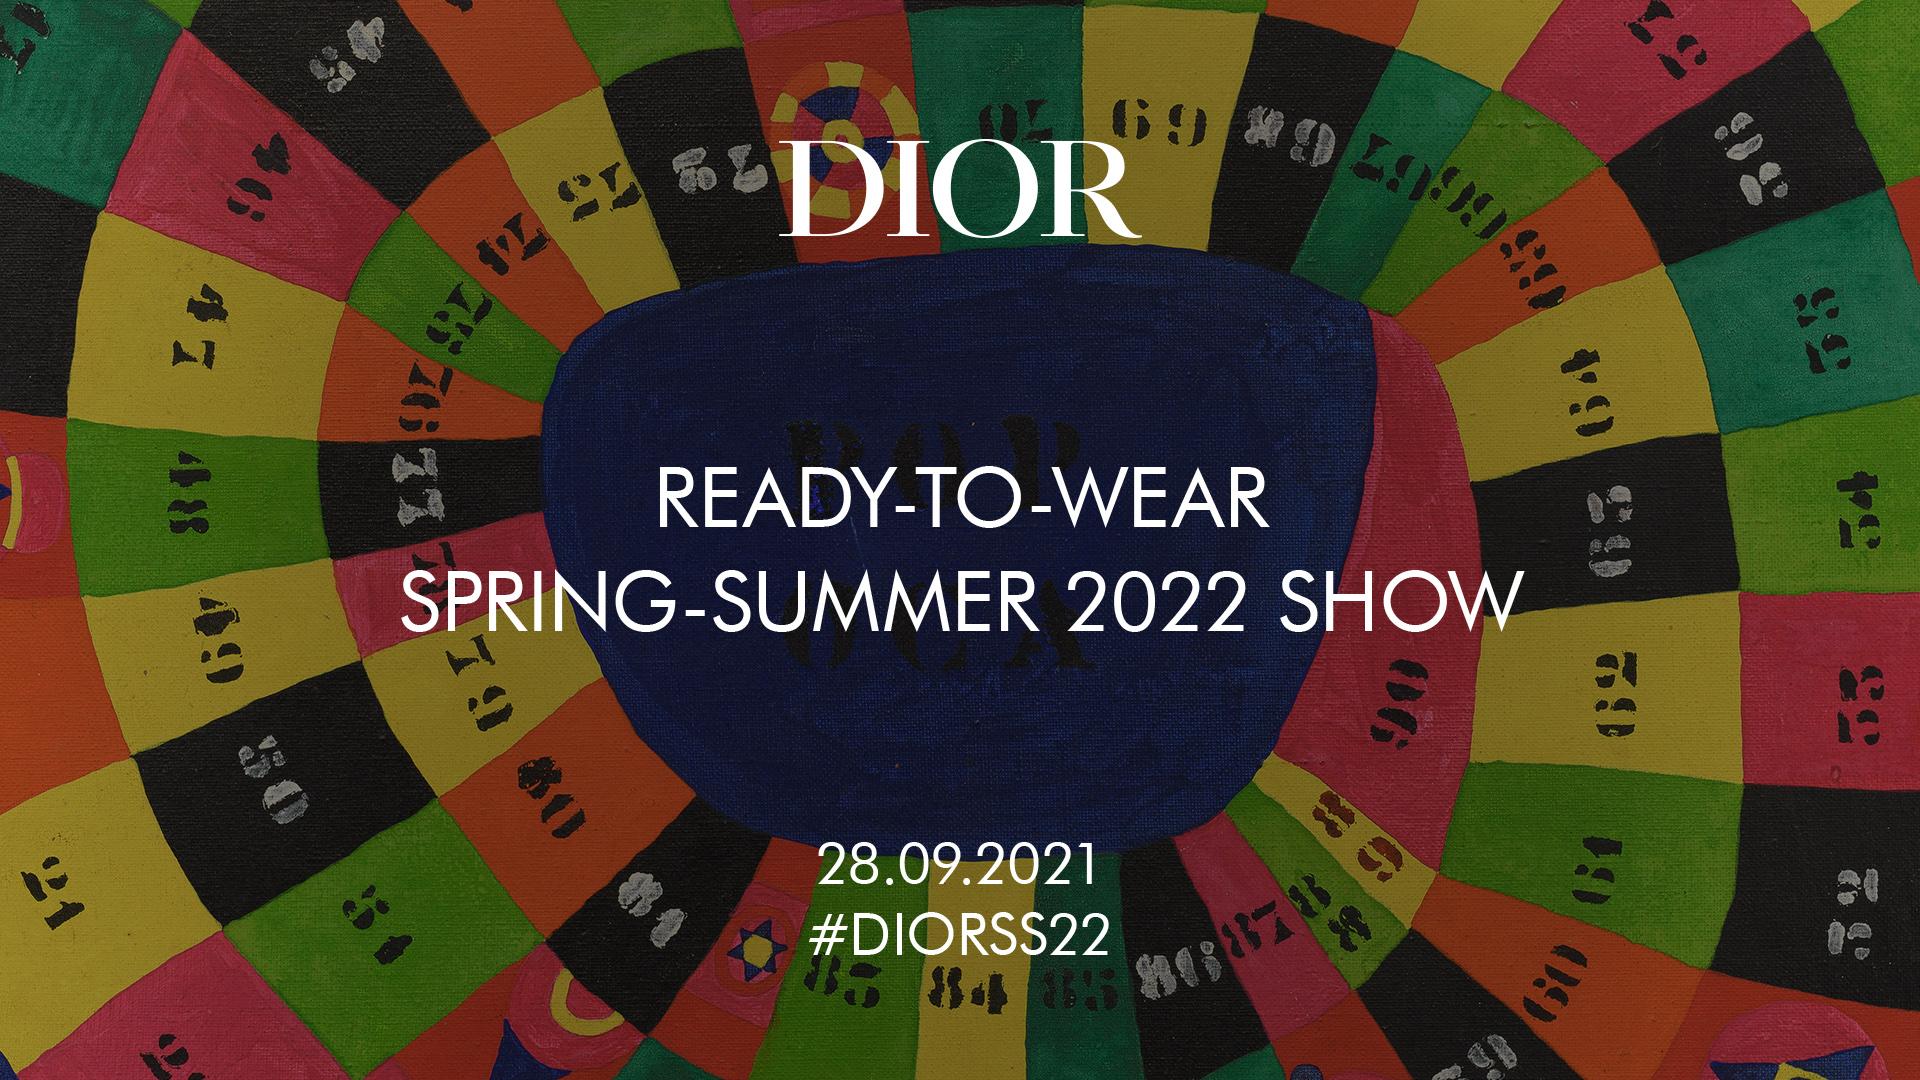 Aquí puedes ver en directo el desfile de Dior en PFW para primavera-verano 2022